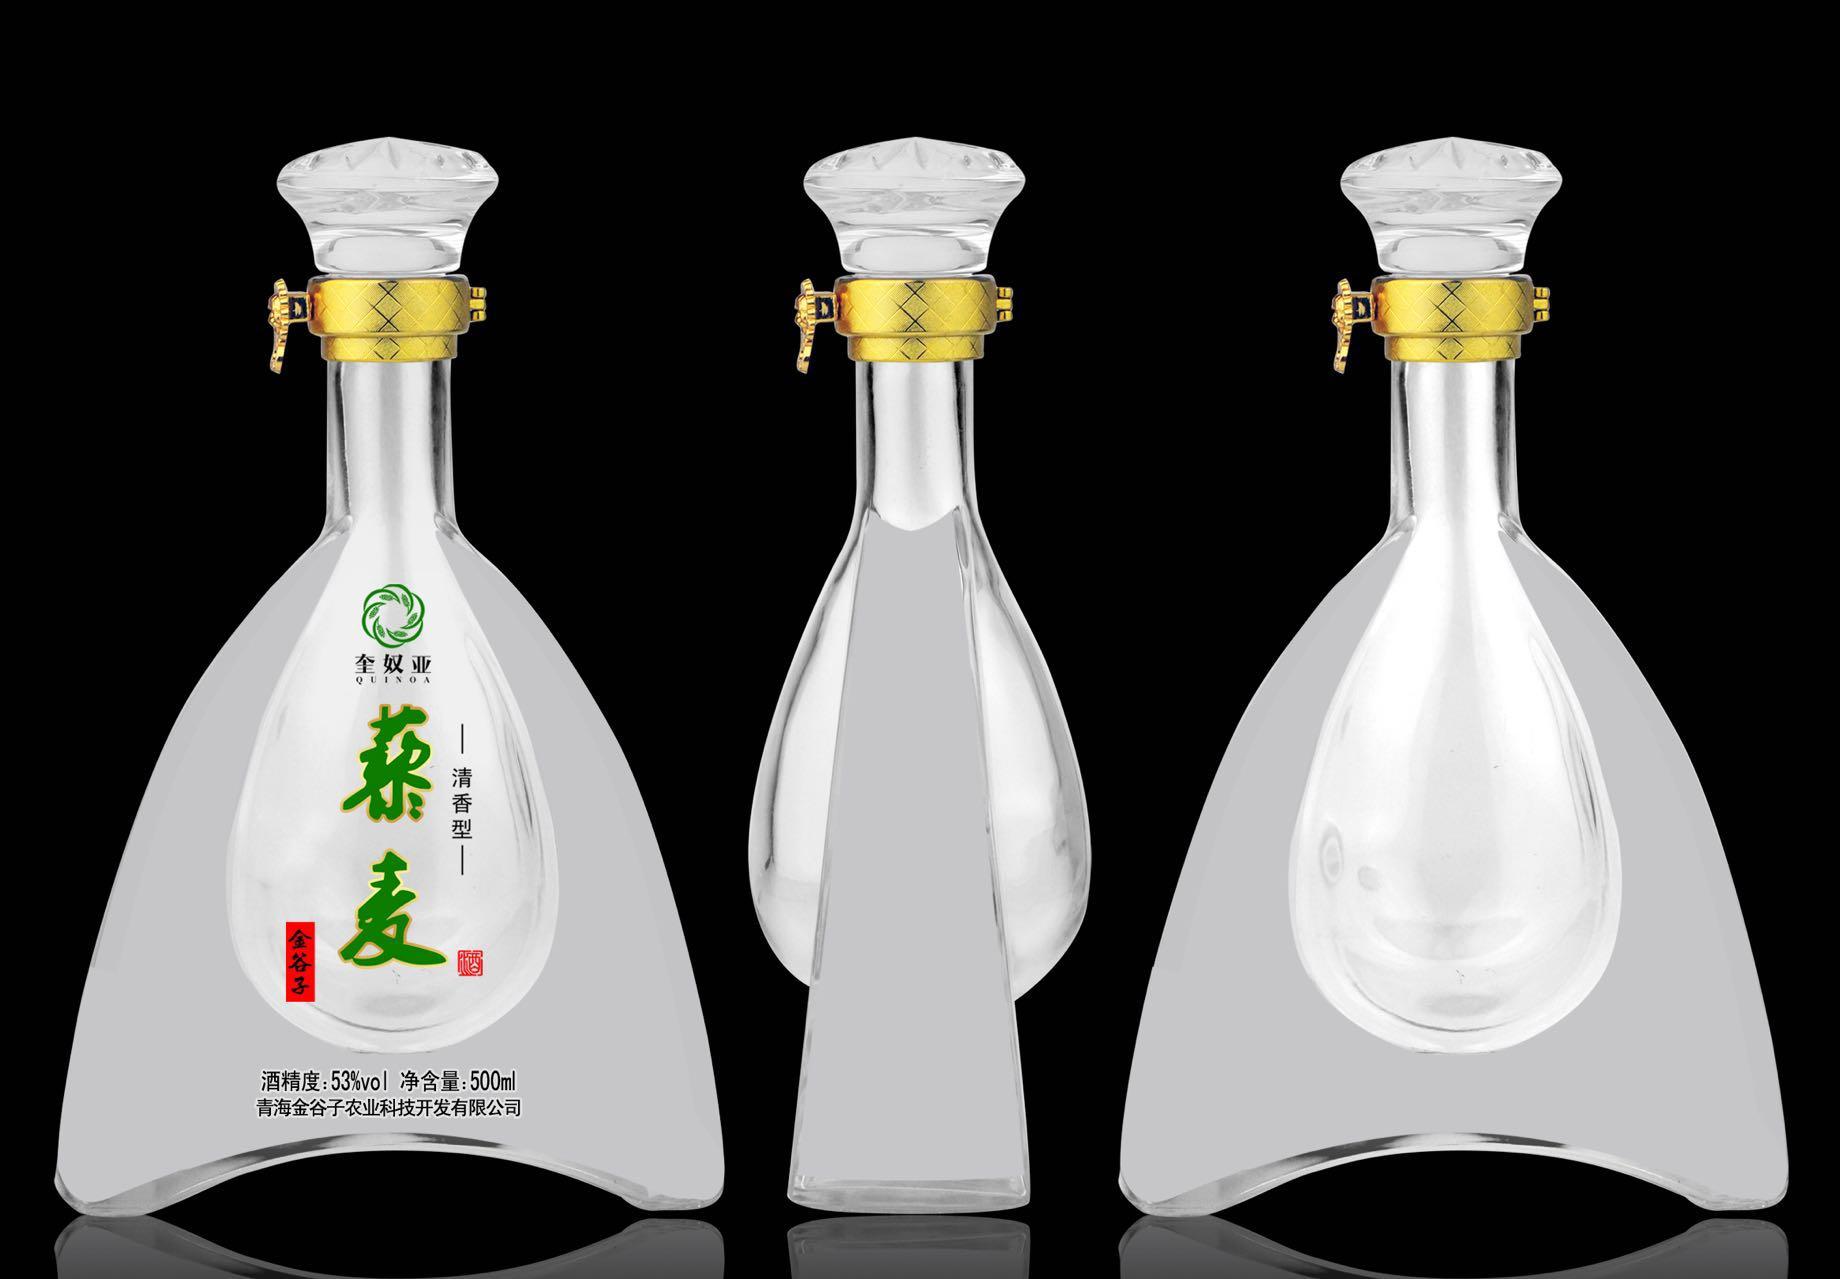 日照晶白料酒瓶厂家 酒瓶生产厂家 彩色酒瓶 大气酒瓶 xo酒瓶 冰酒瓶